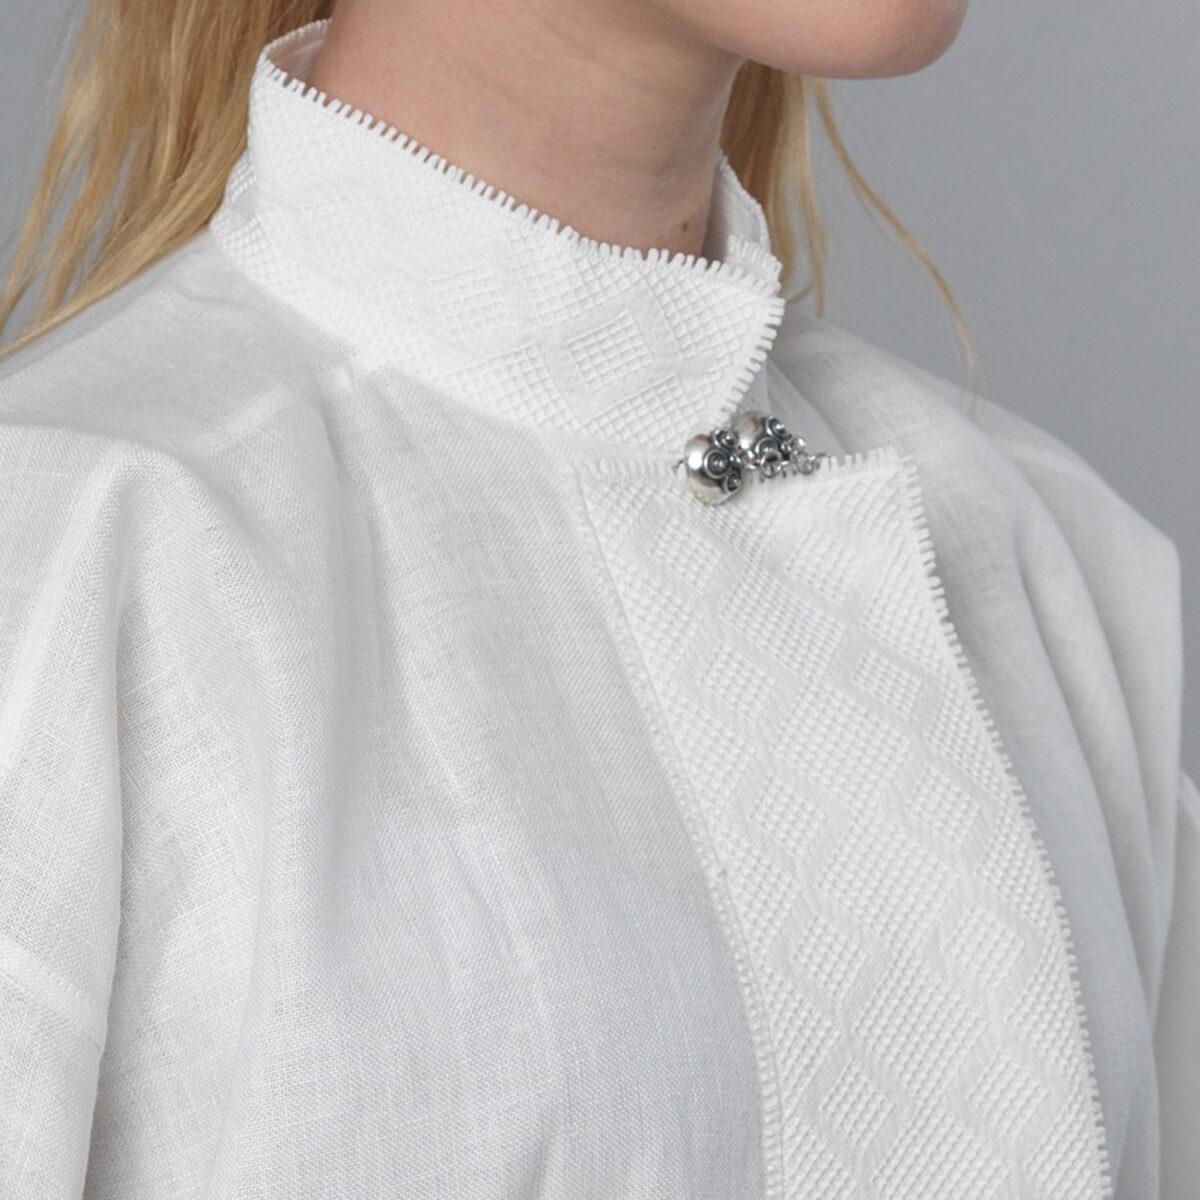 Vasshus linskjorte-0